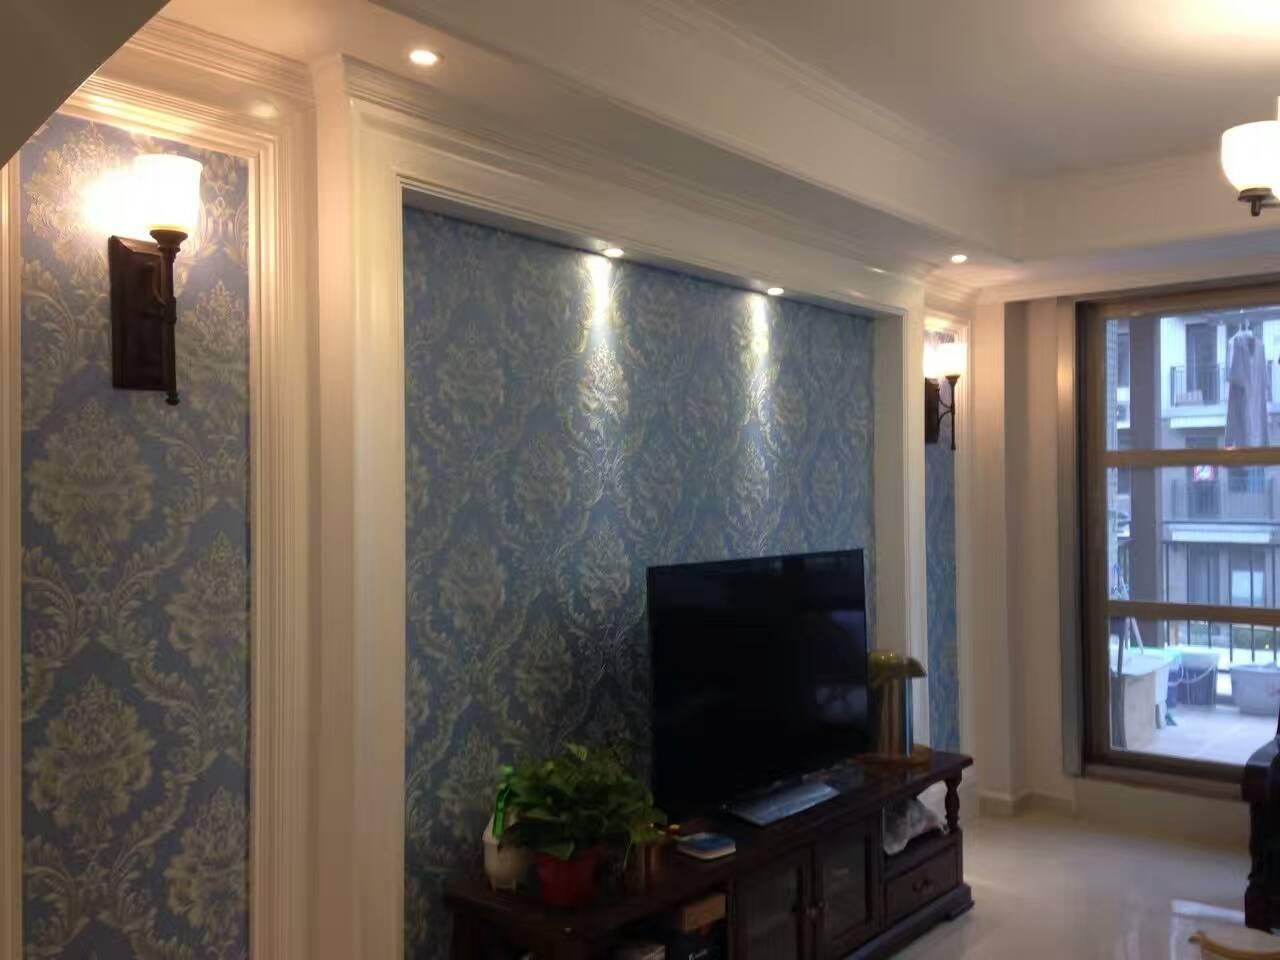 思念果岭 美式 装修 设计 完工实景 客厅图片来自张樂在实创装饰 思念果岭美式风格完工的分享